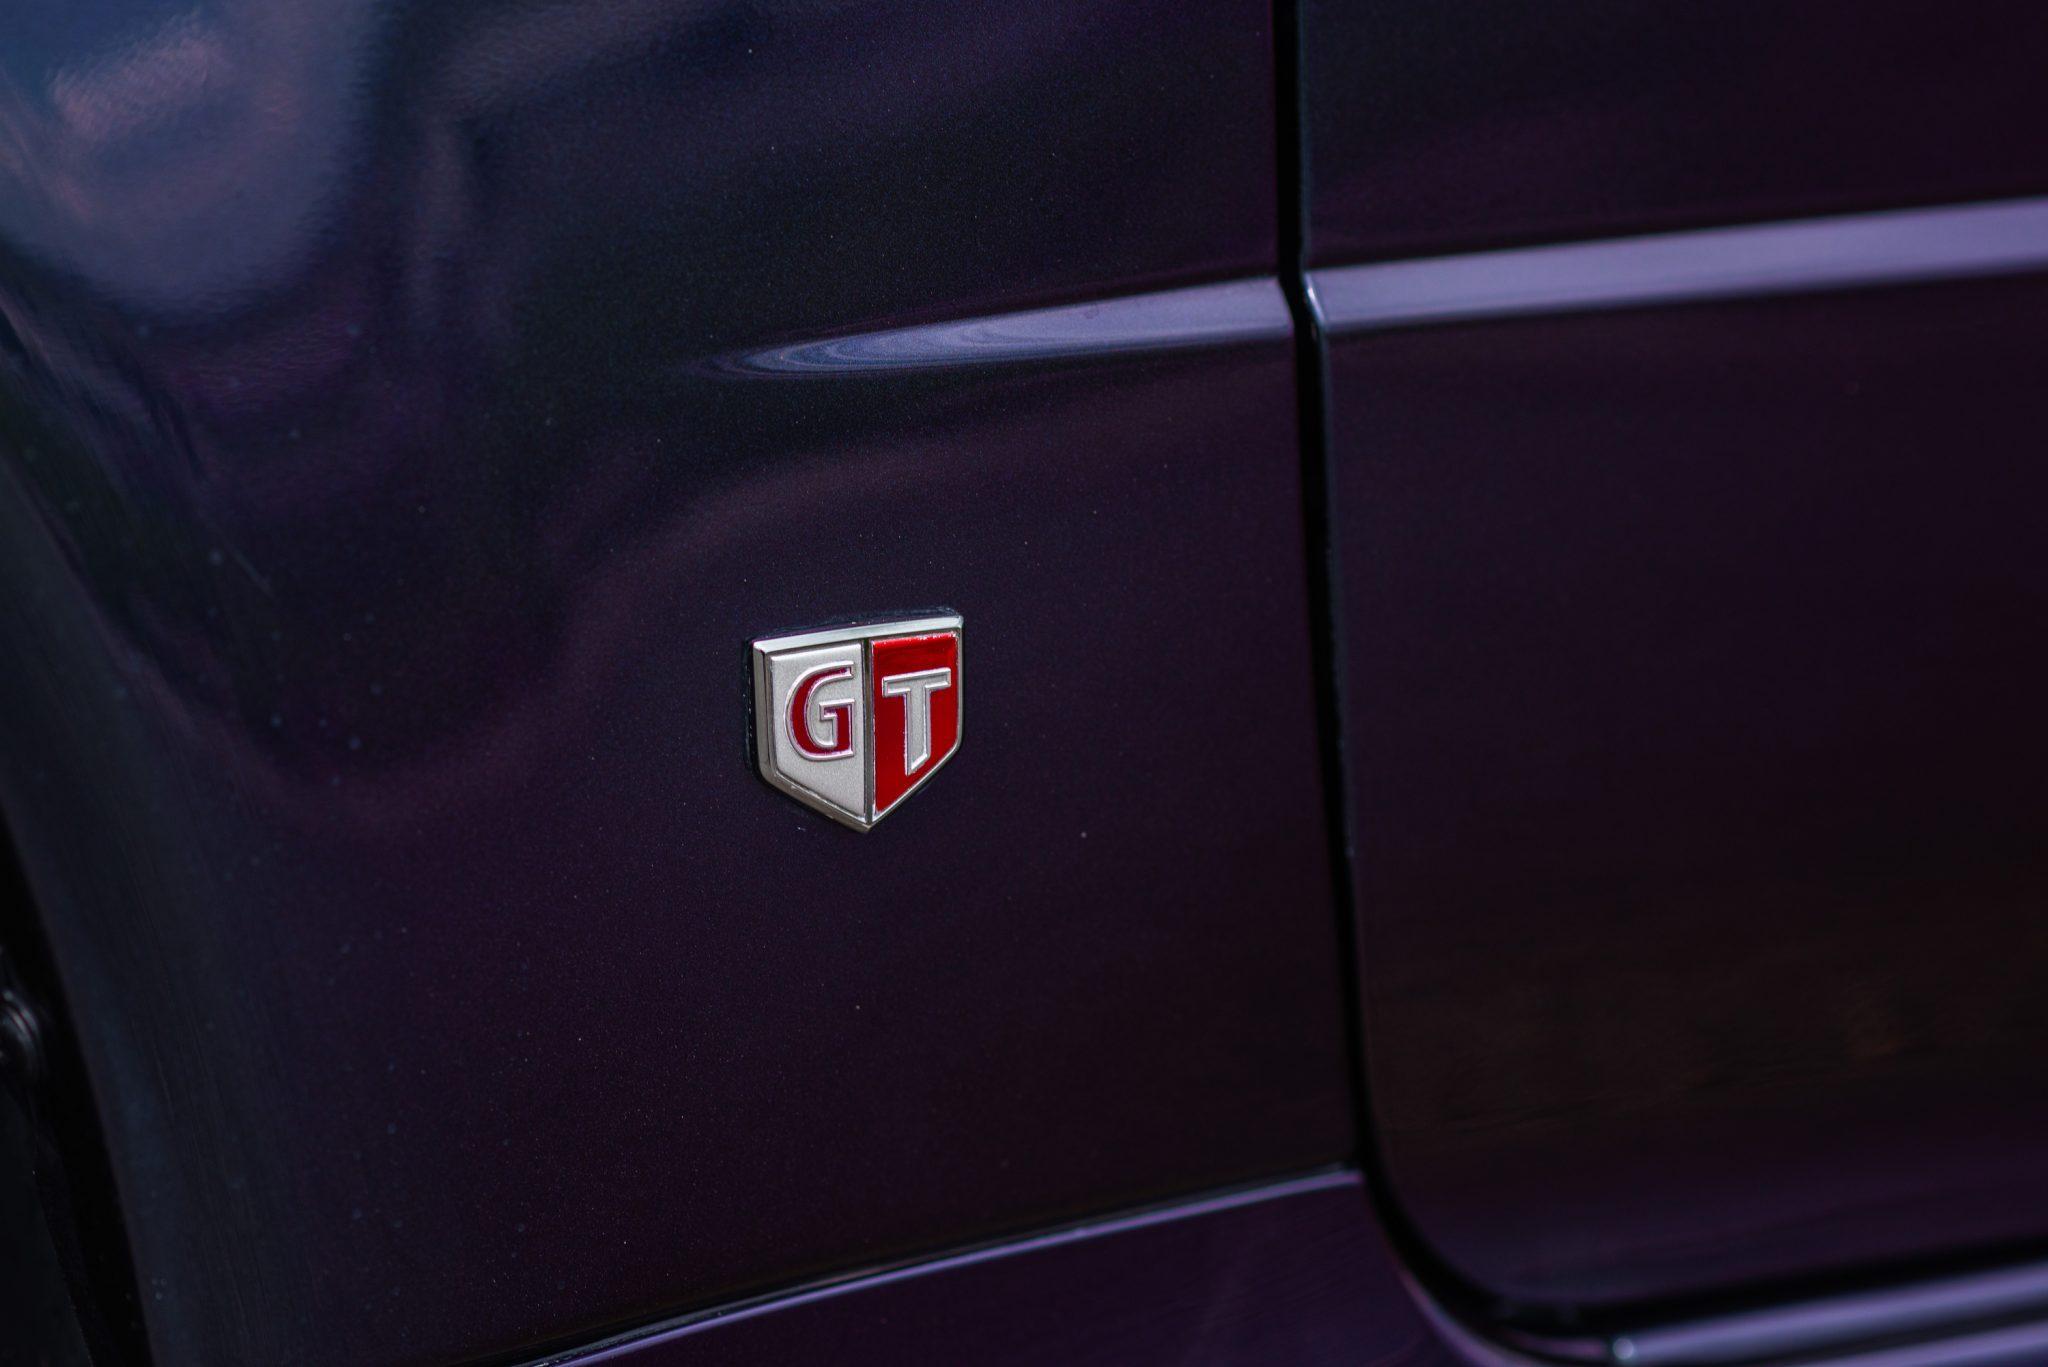 1999 Nissan Skyline GT-R V-Spec badge